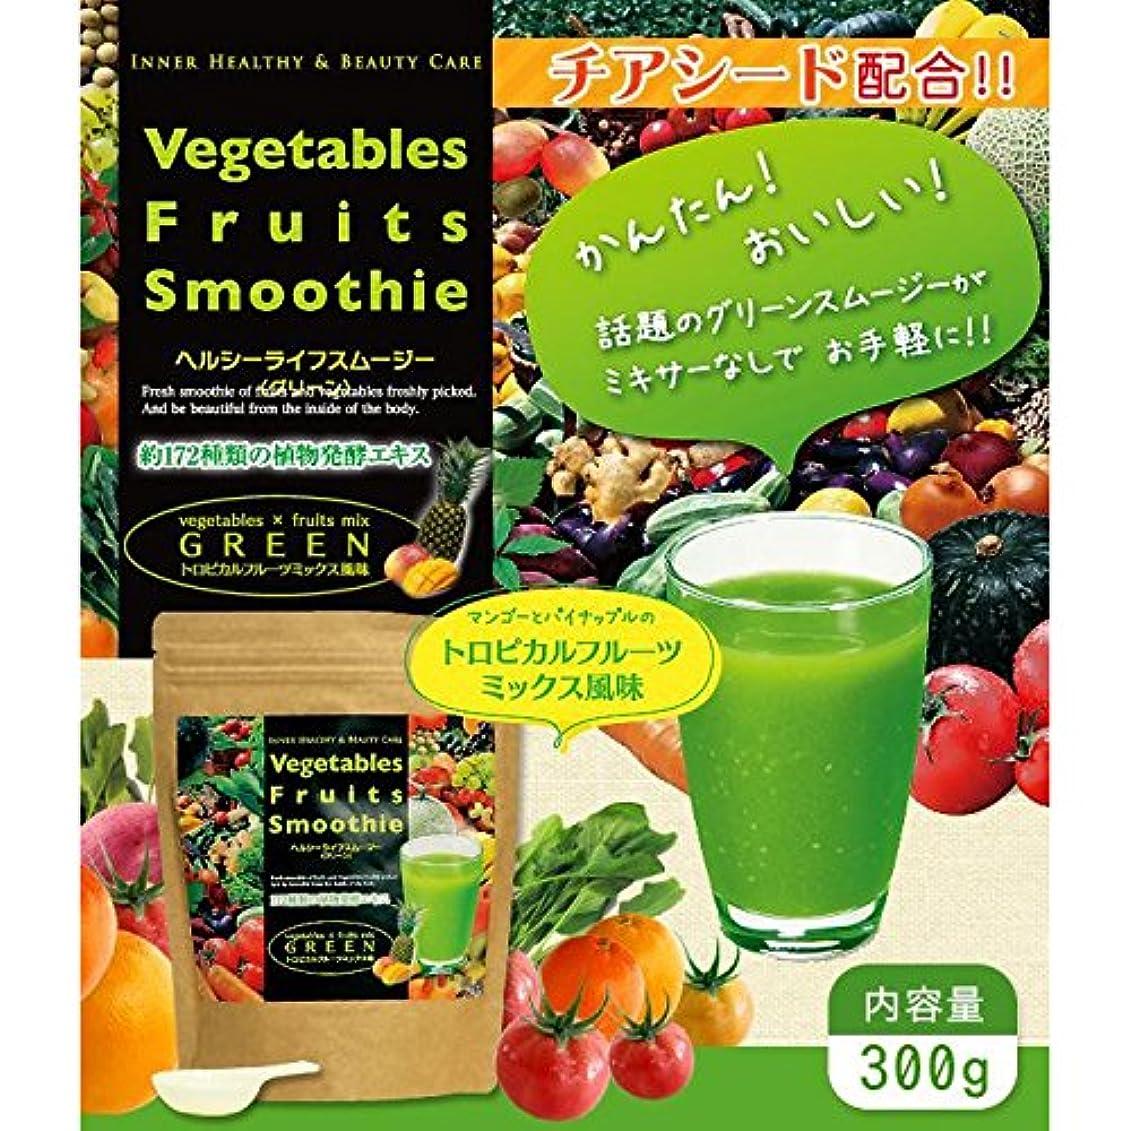 大西洋トラブルバウンスVegetables Fruits Smoothie ヘルシーライフスムージー(グリーン)トロピカルフルーツミックス味 300g 日本製